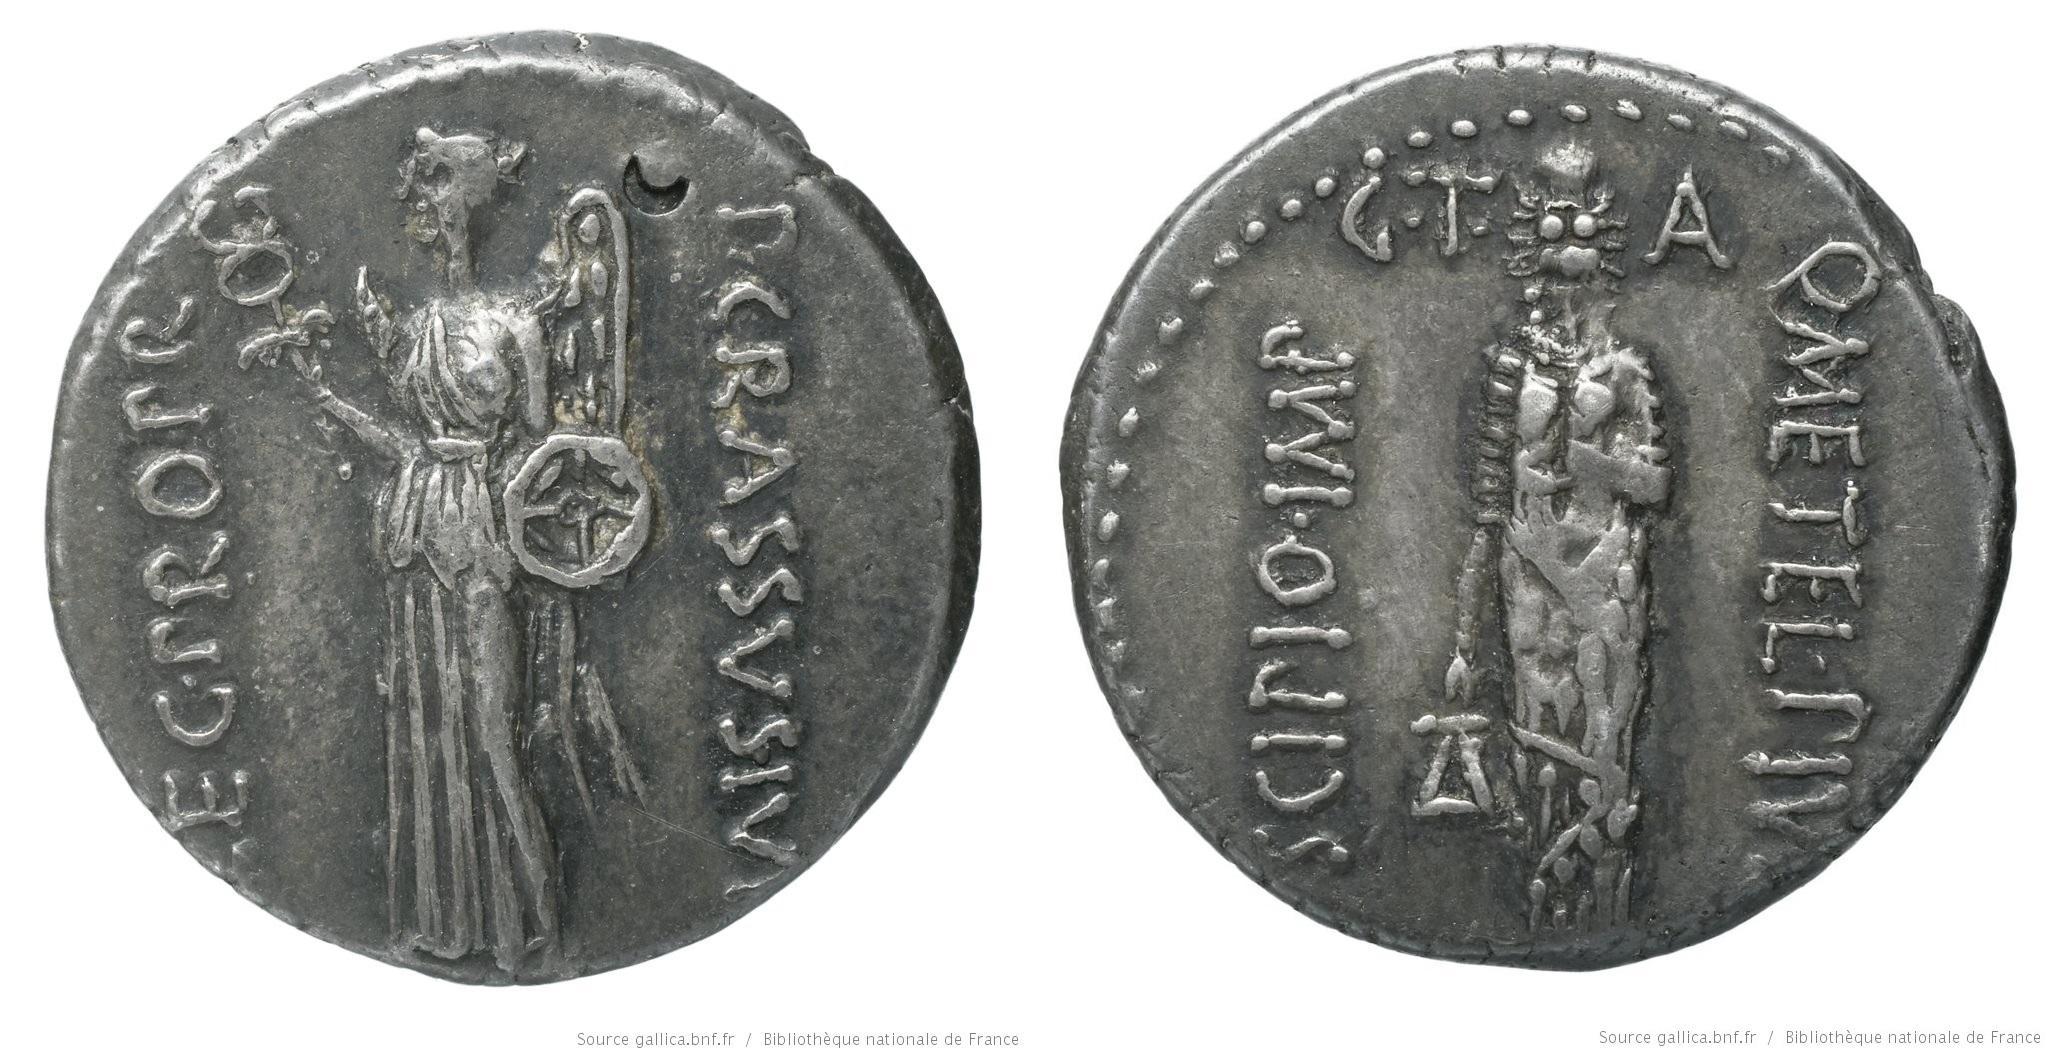 1466CA – Denier Scipion et Crassus – Q. Cæcilius Metellus Pius Scipio